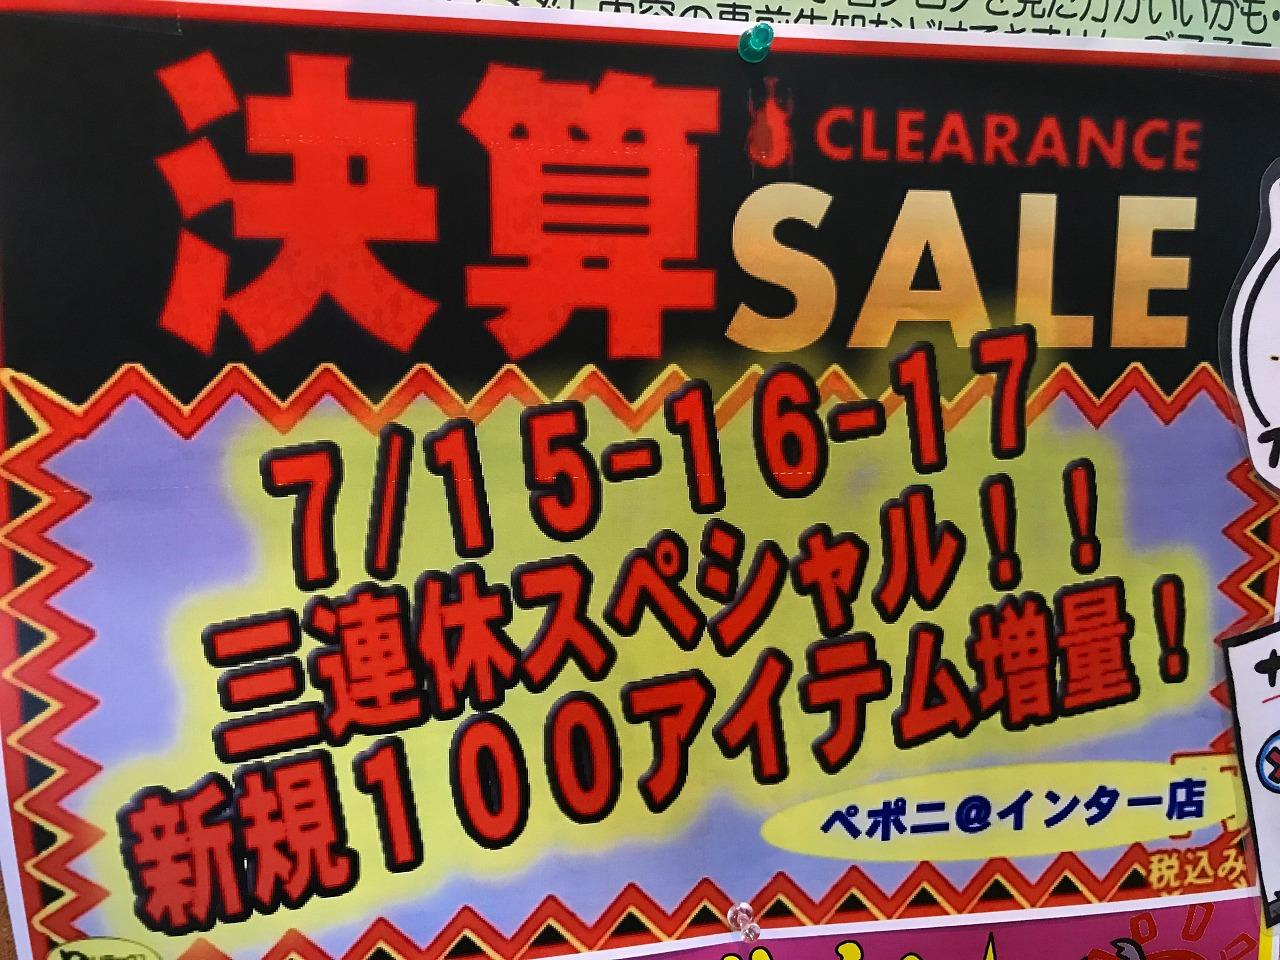 ペポニ@インター店の三連休SP!今日の新着も!!